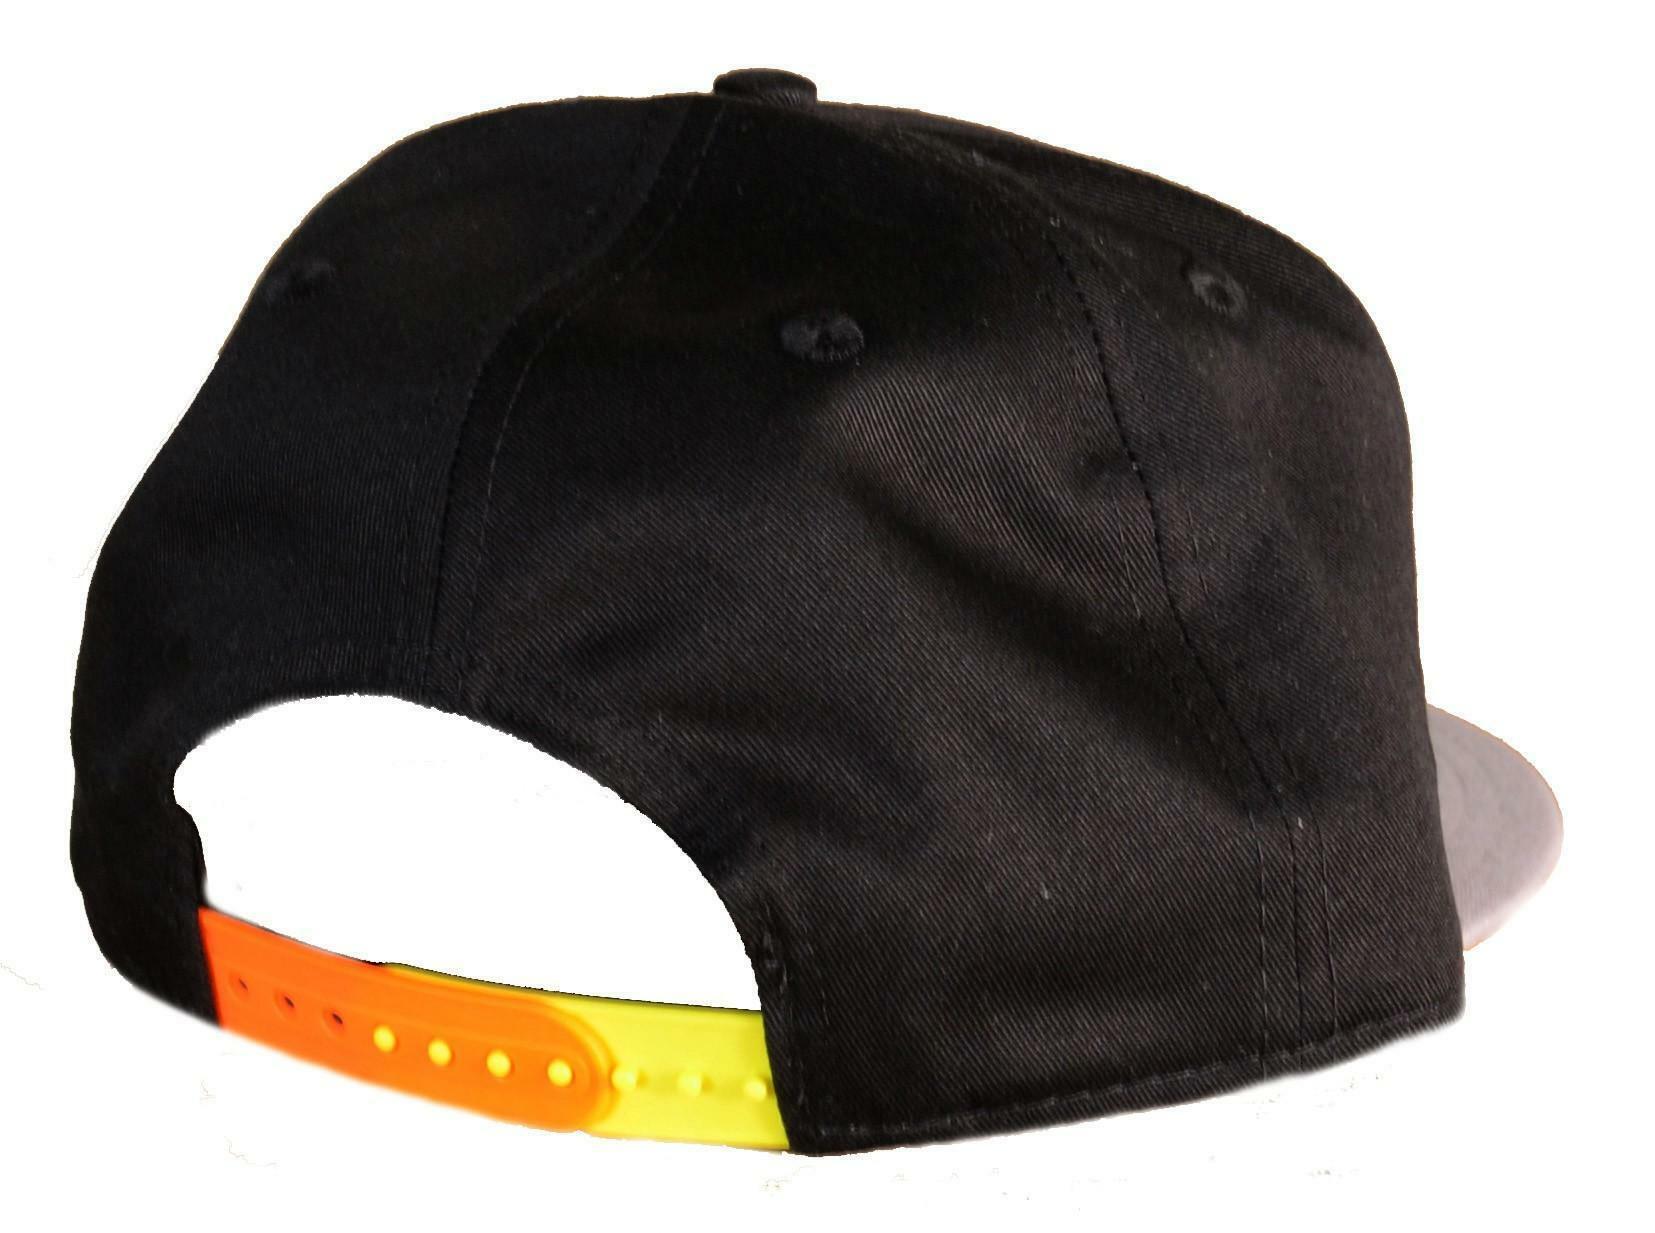 new era new era cappello visiera cotone nero grigio arancio ny